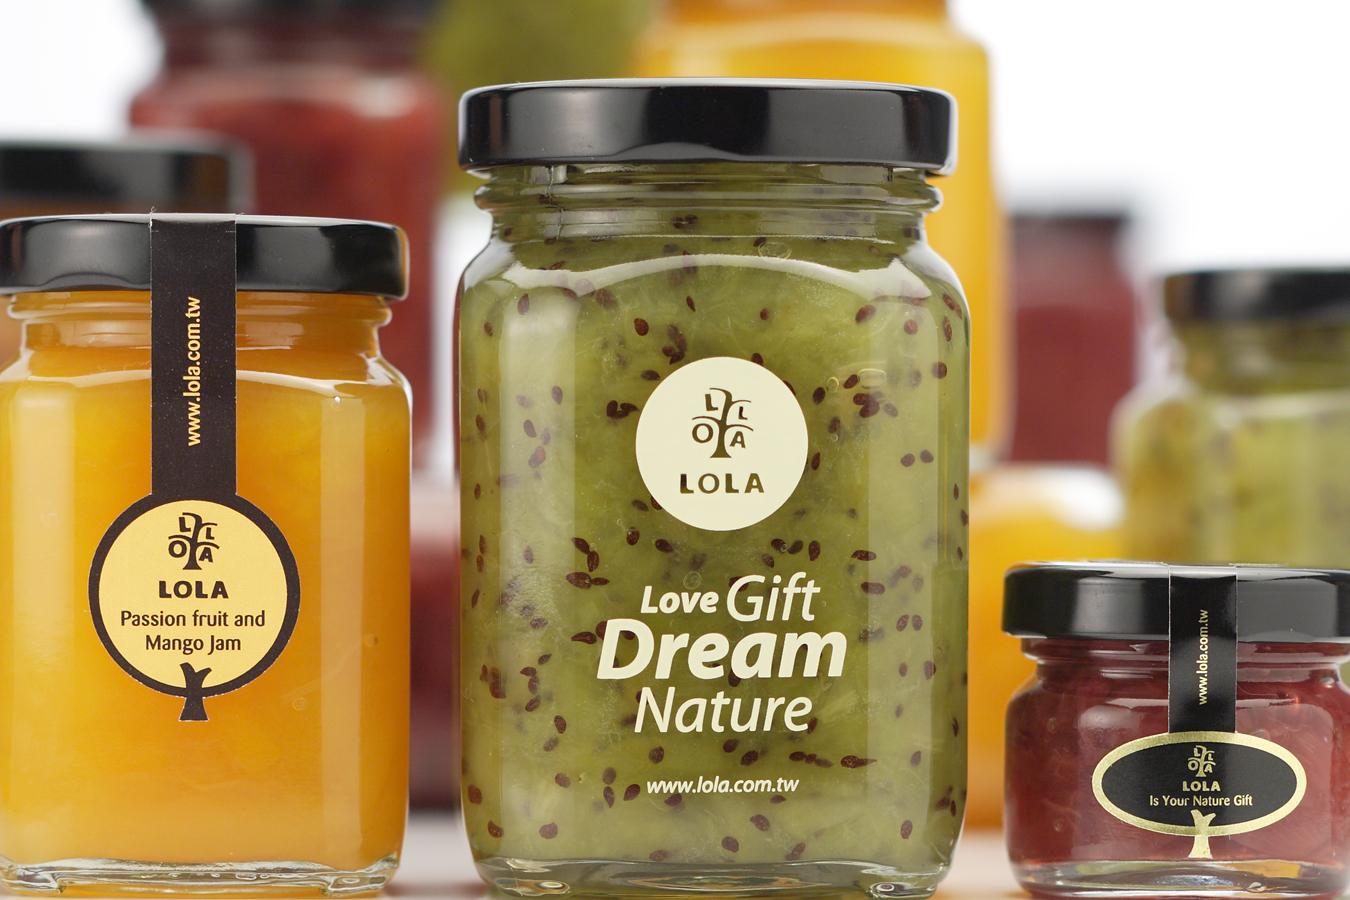 蘿拉果醬LOLA 品牌/包裝設計